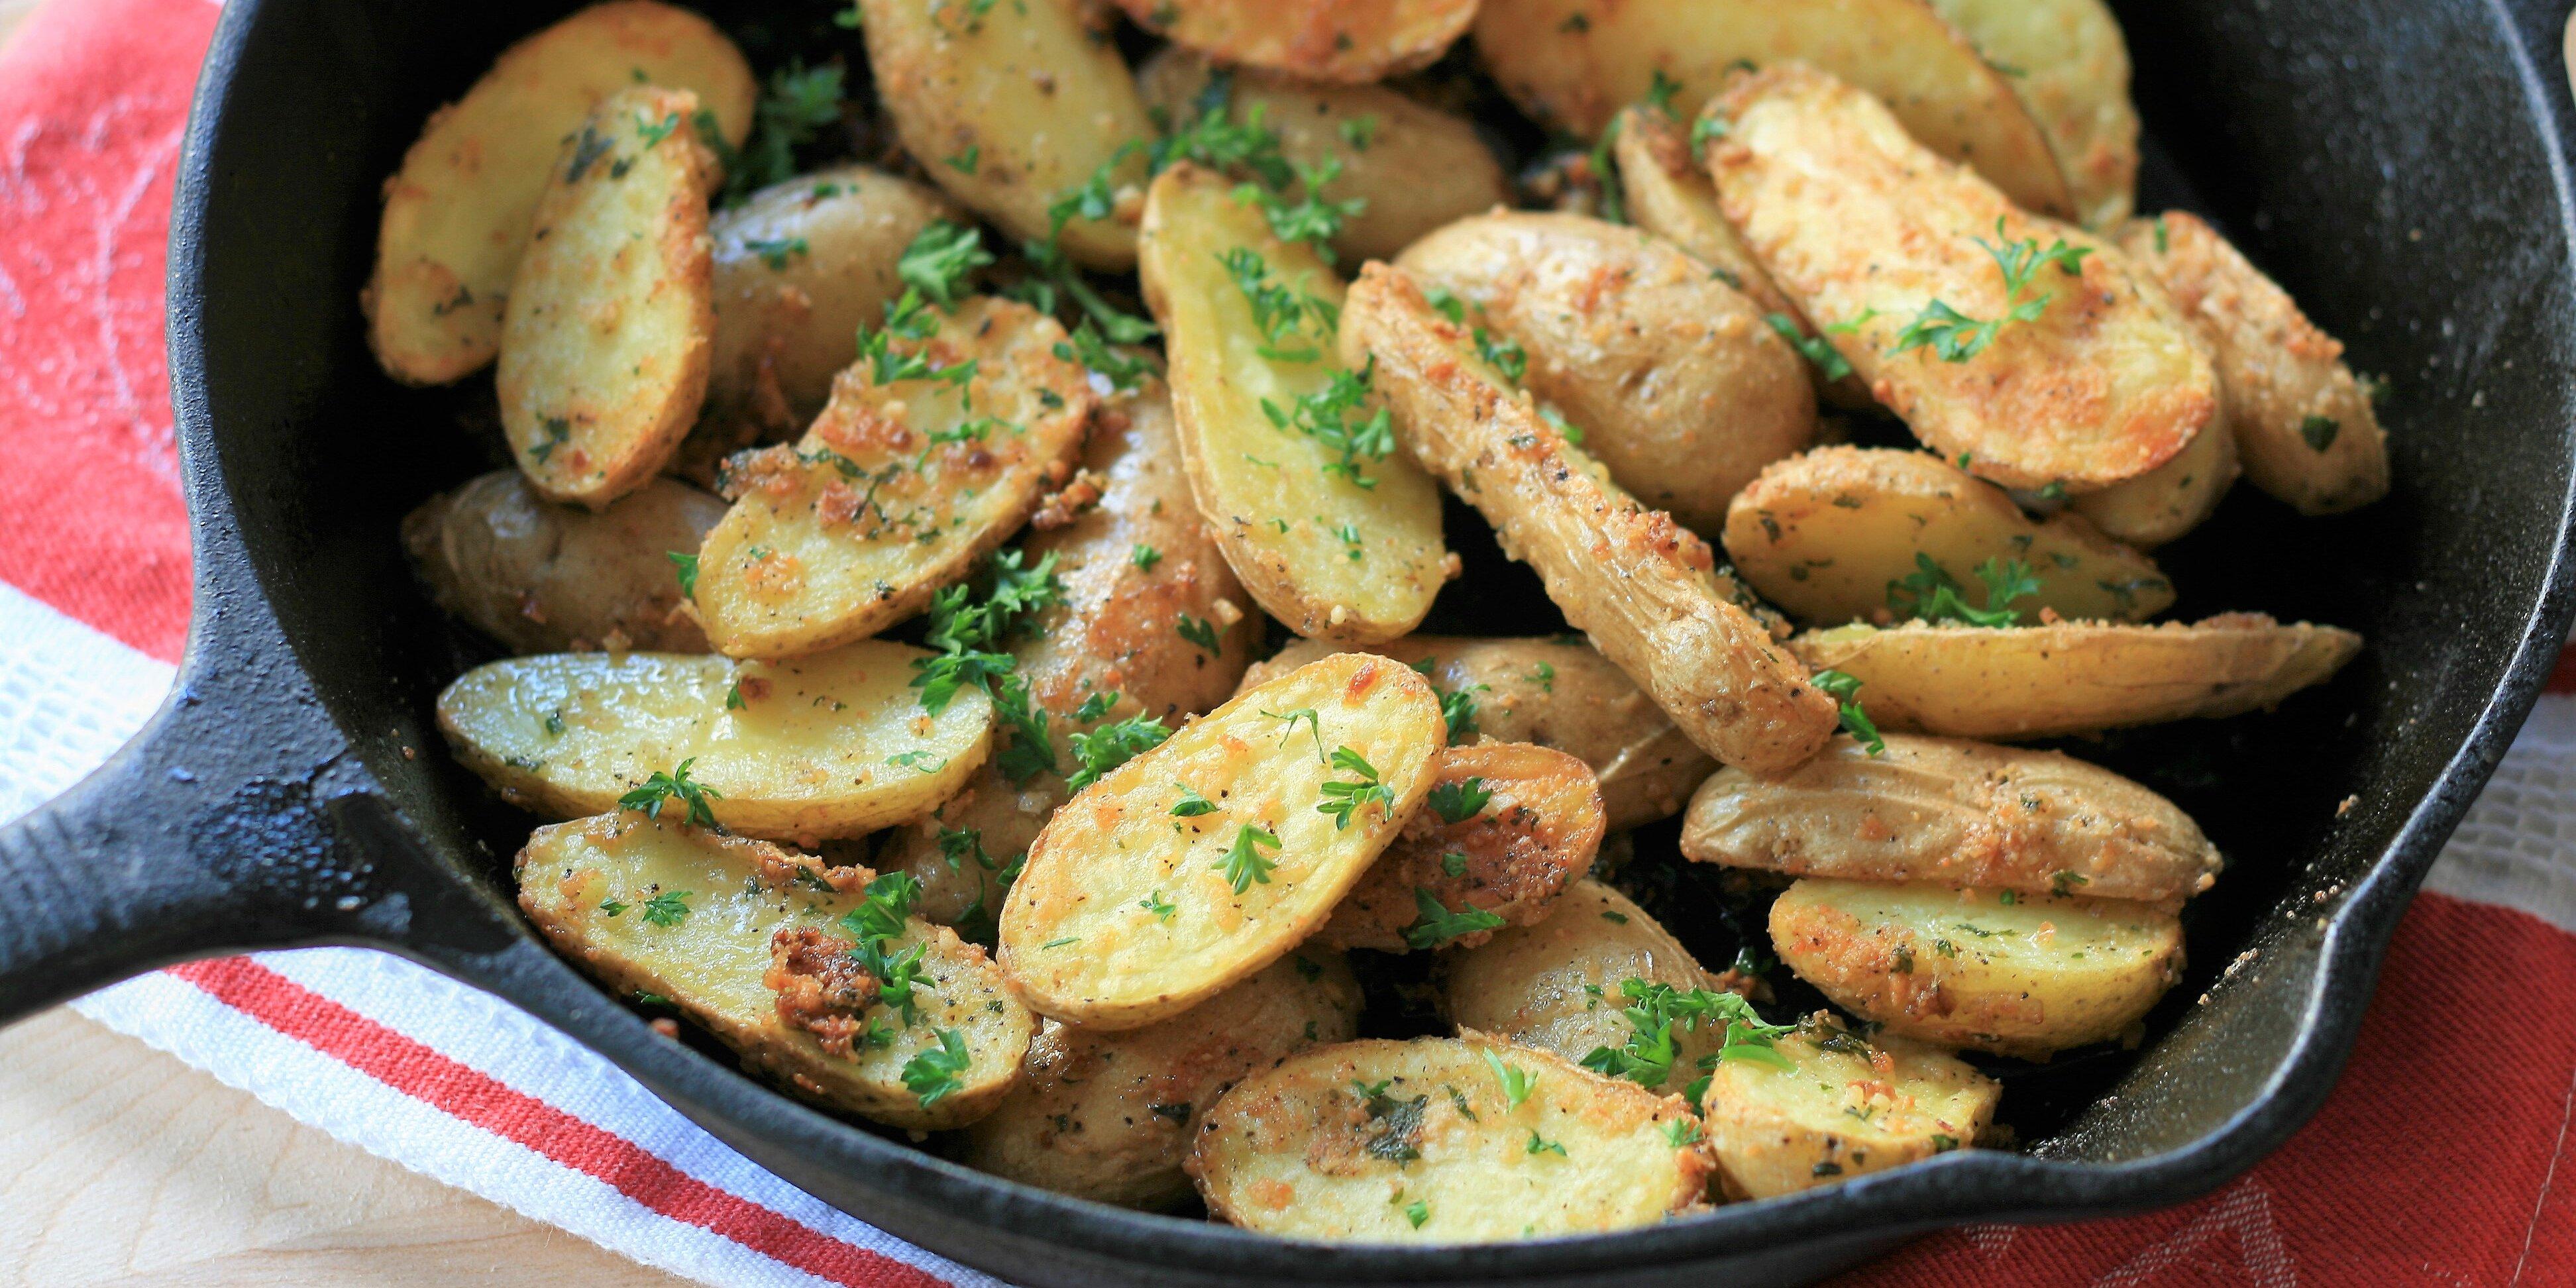 roasted garlic parmesan fingerling potatoes recipe